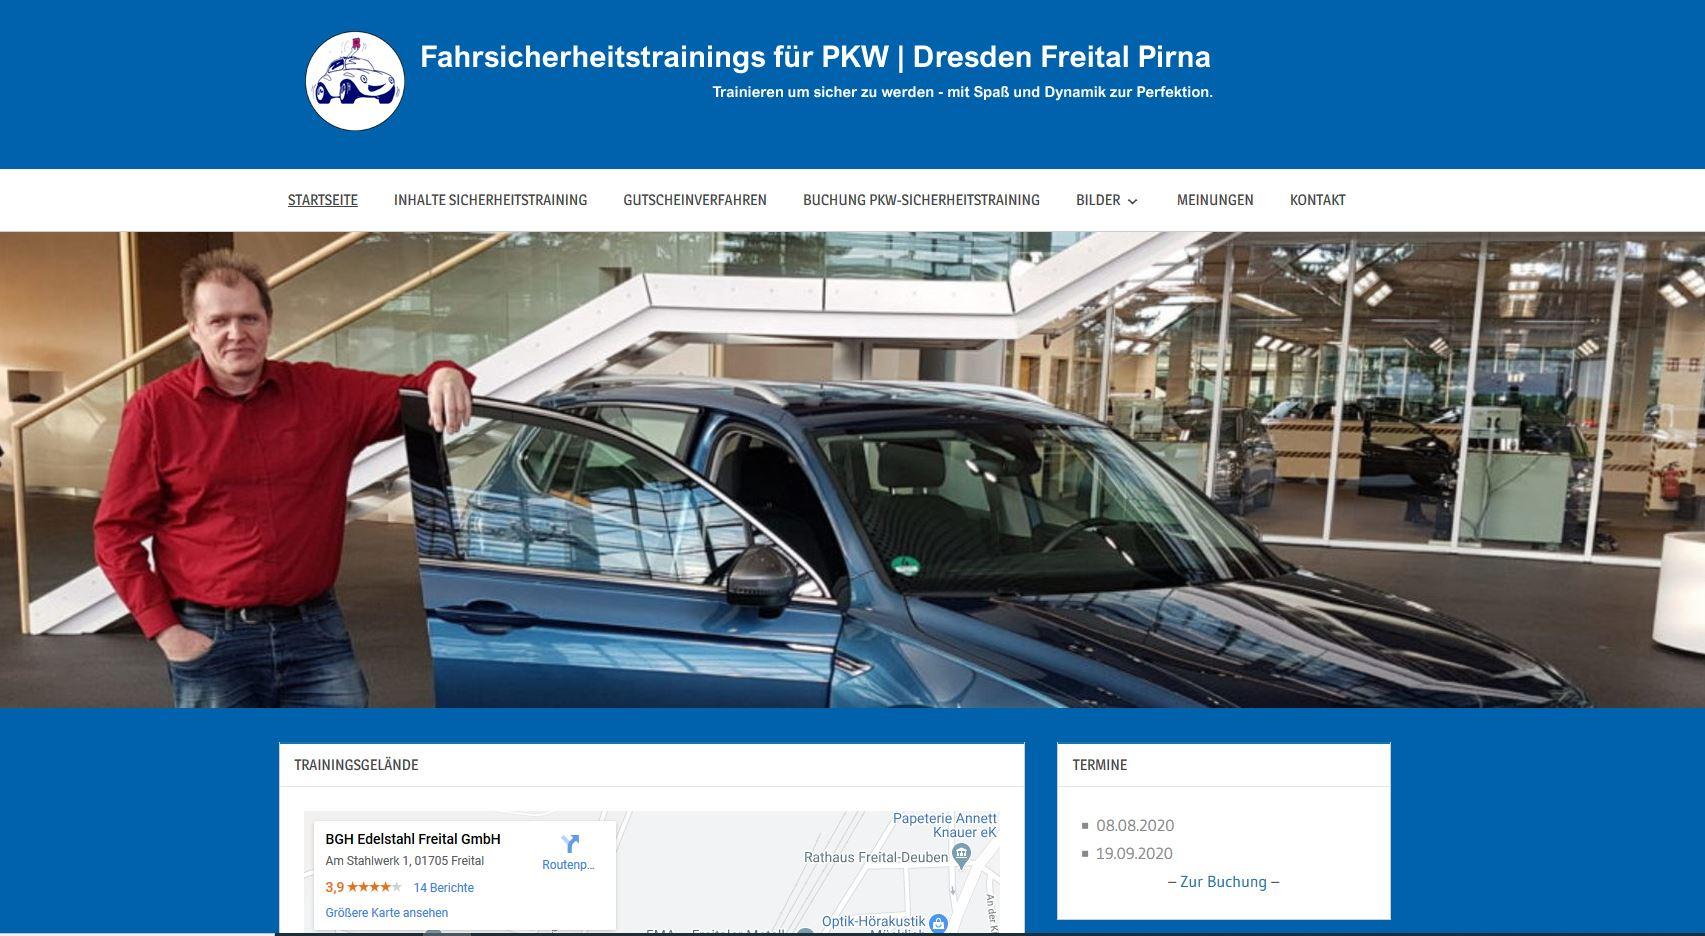 Die Homepage für Pkw-Sicherheitstrainings in Dresden, Freital und Pirna ist online